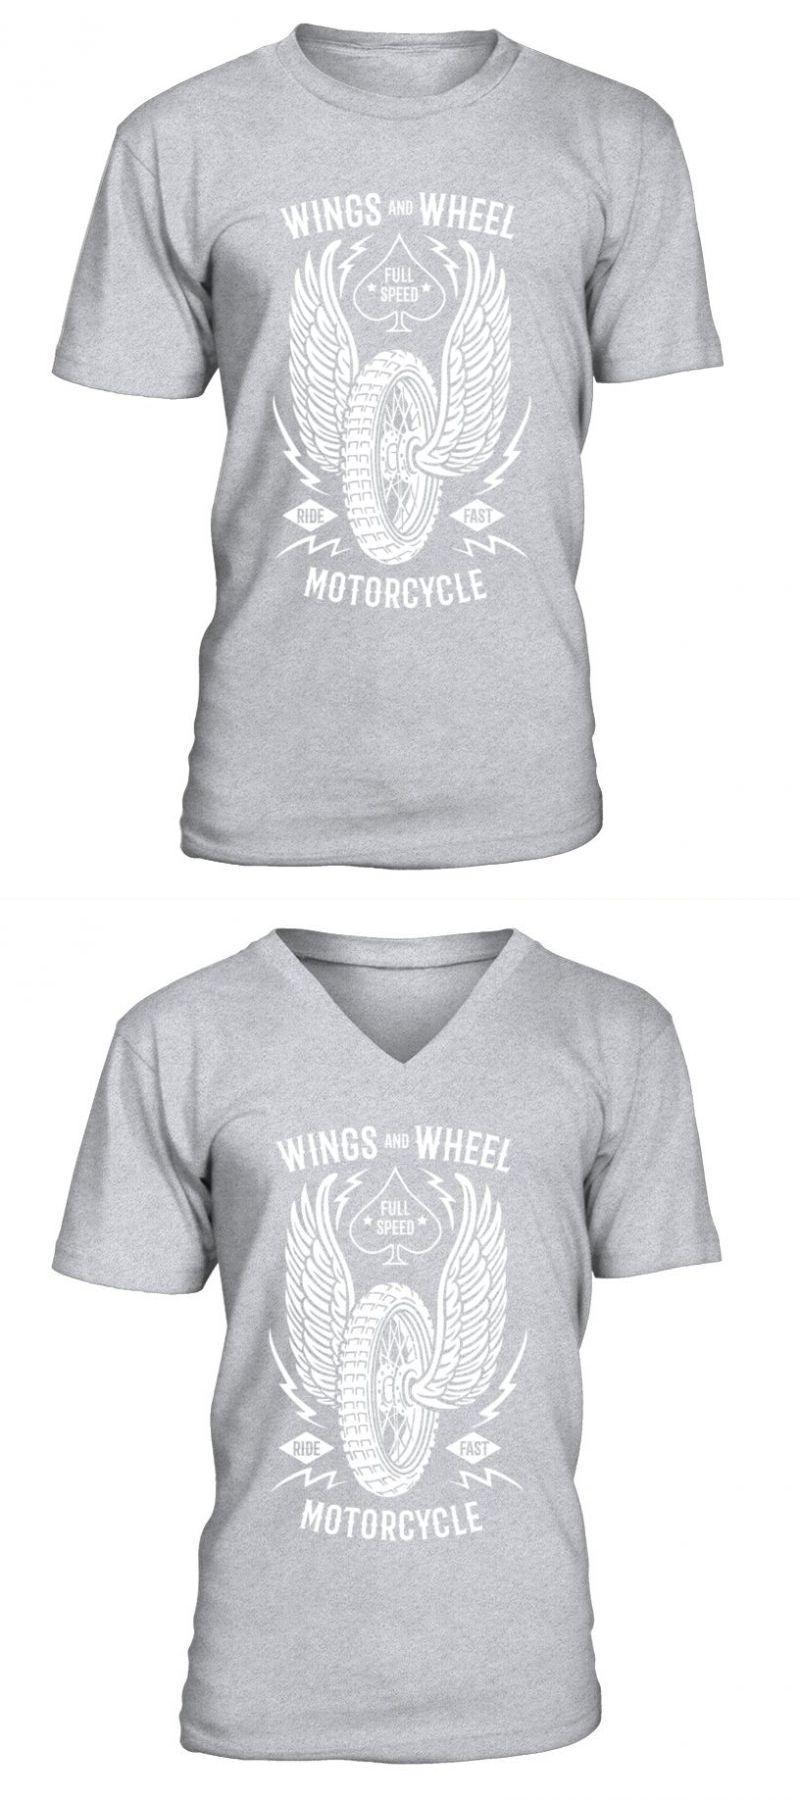 744b2ee18 Navy st mixed martial arts shirt wings and wheel tiger rock martial arts t  shirts #